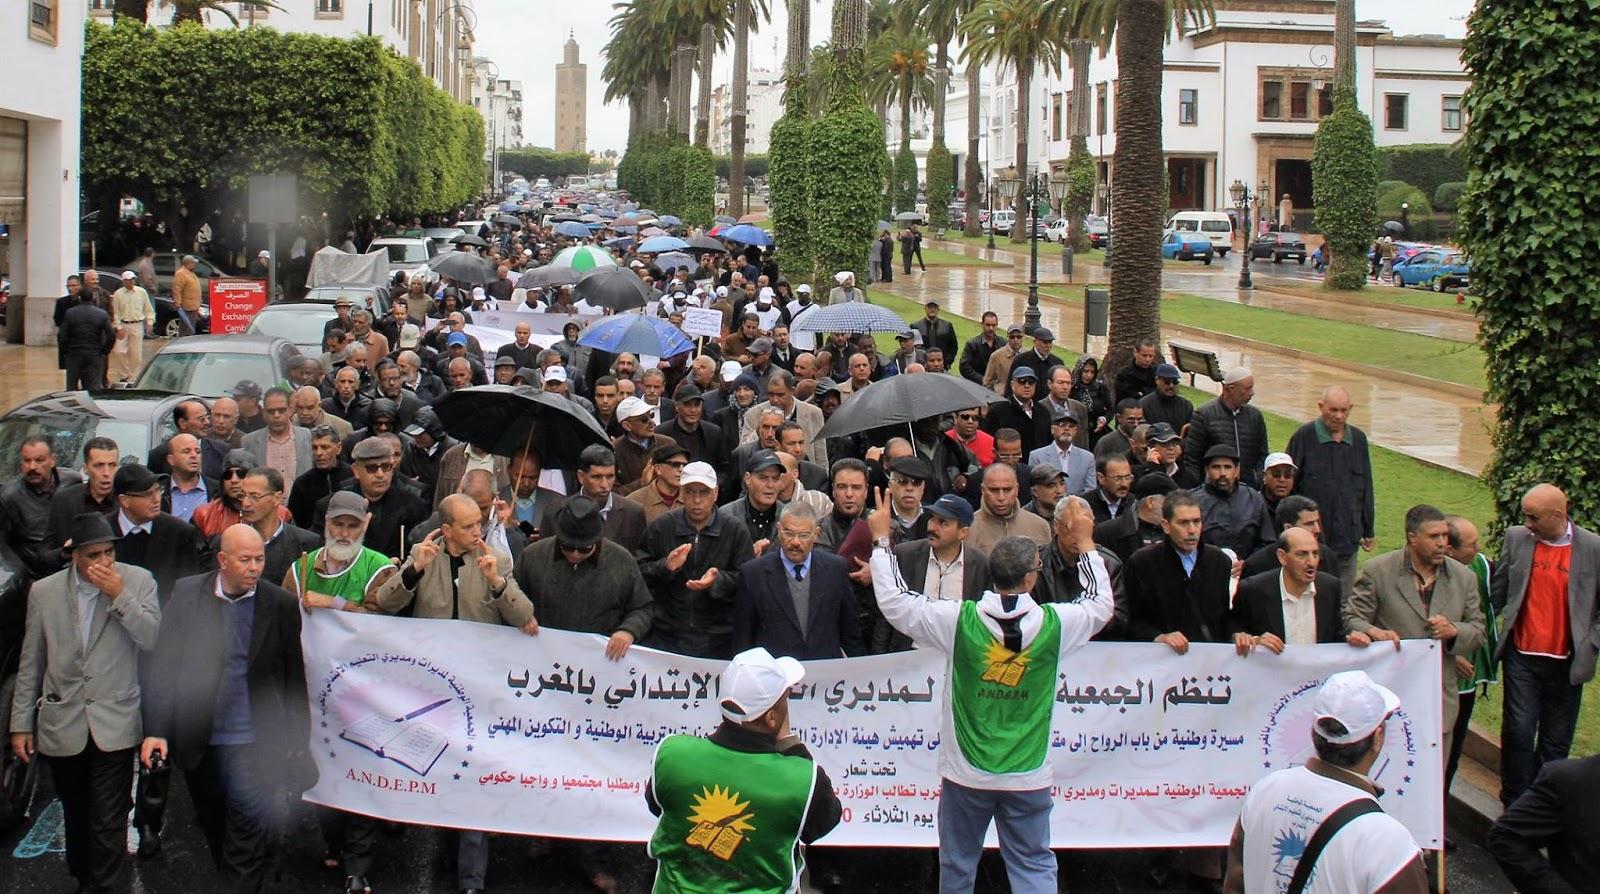 آلاف مدراء التعليم الإبتدائي يَنضمون للإحتجاجات و يُصعّدون ضد أمزازي !